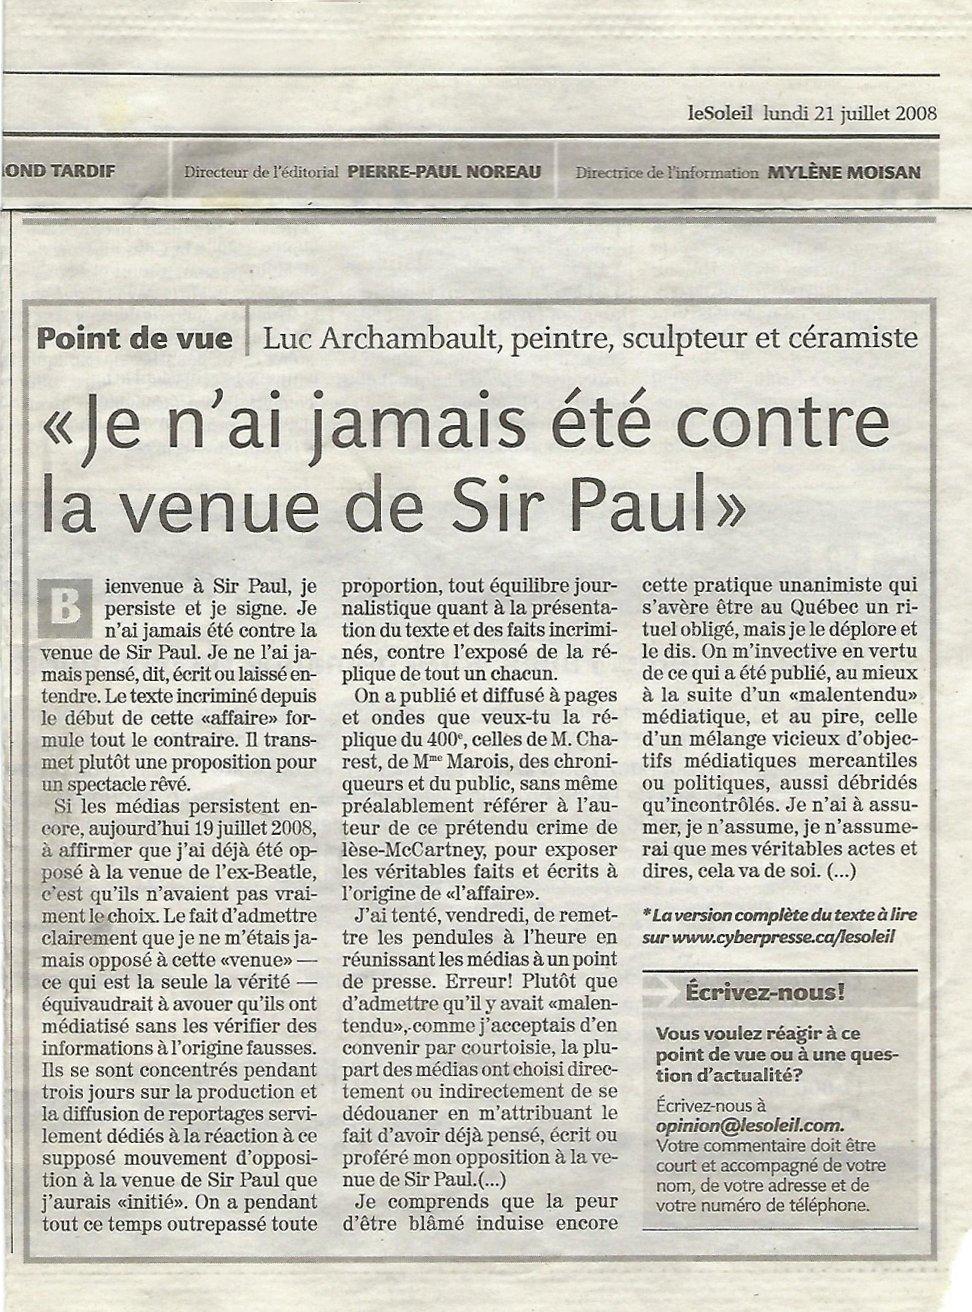 LeSoleil-2008-07-21-Je n'ai jamais été contre la venue de Sir Paul